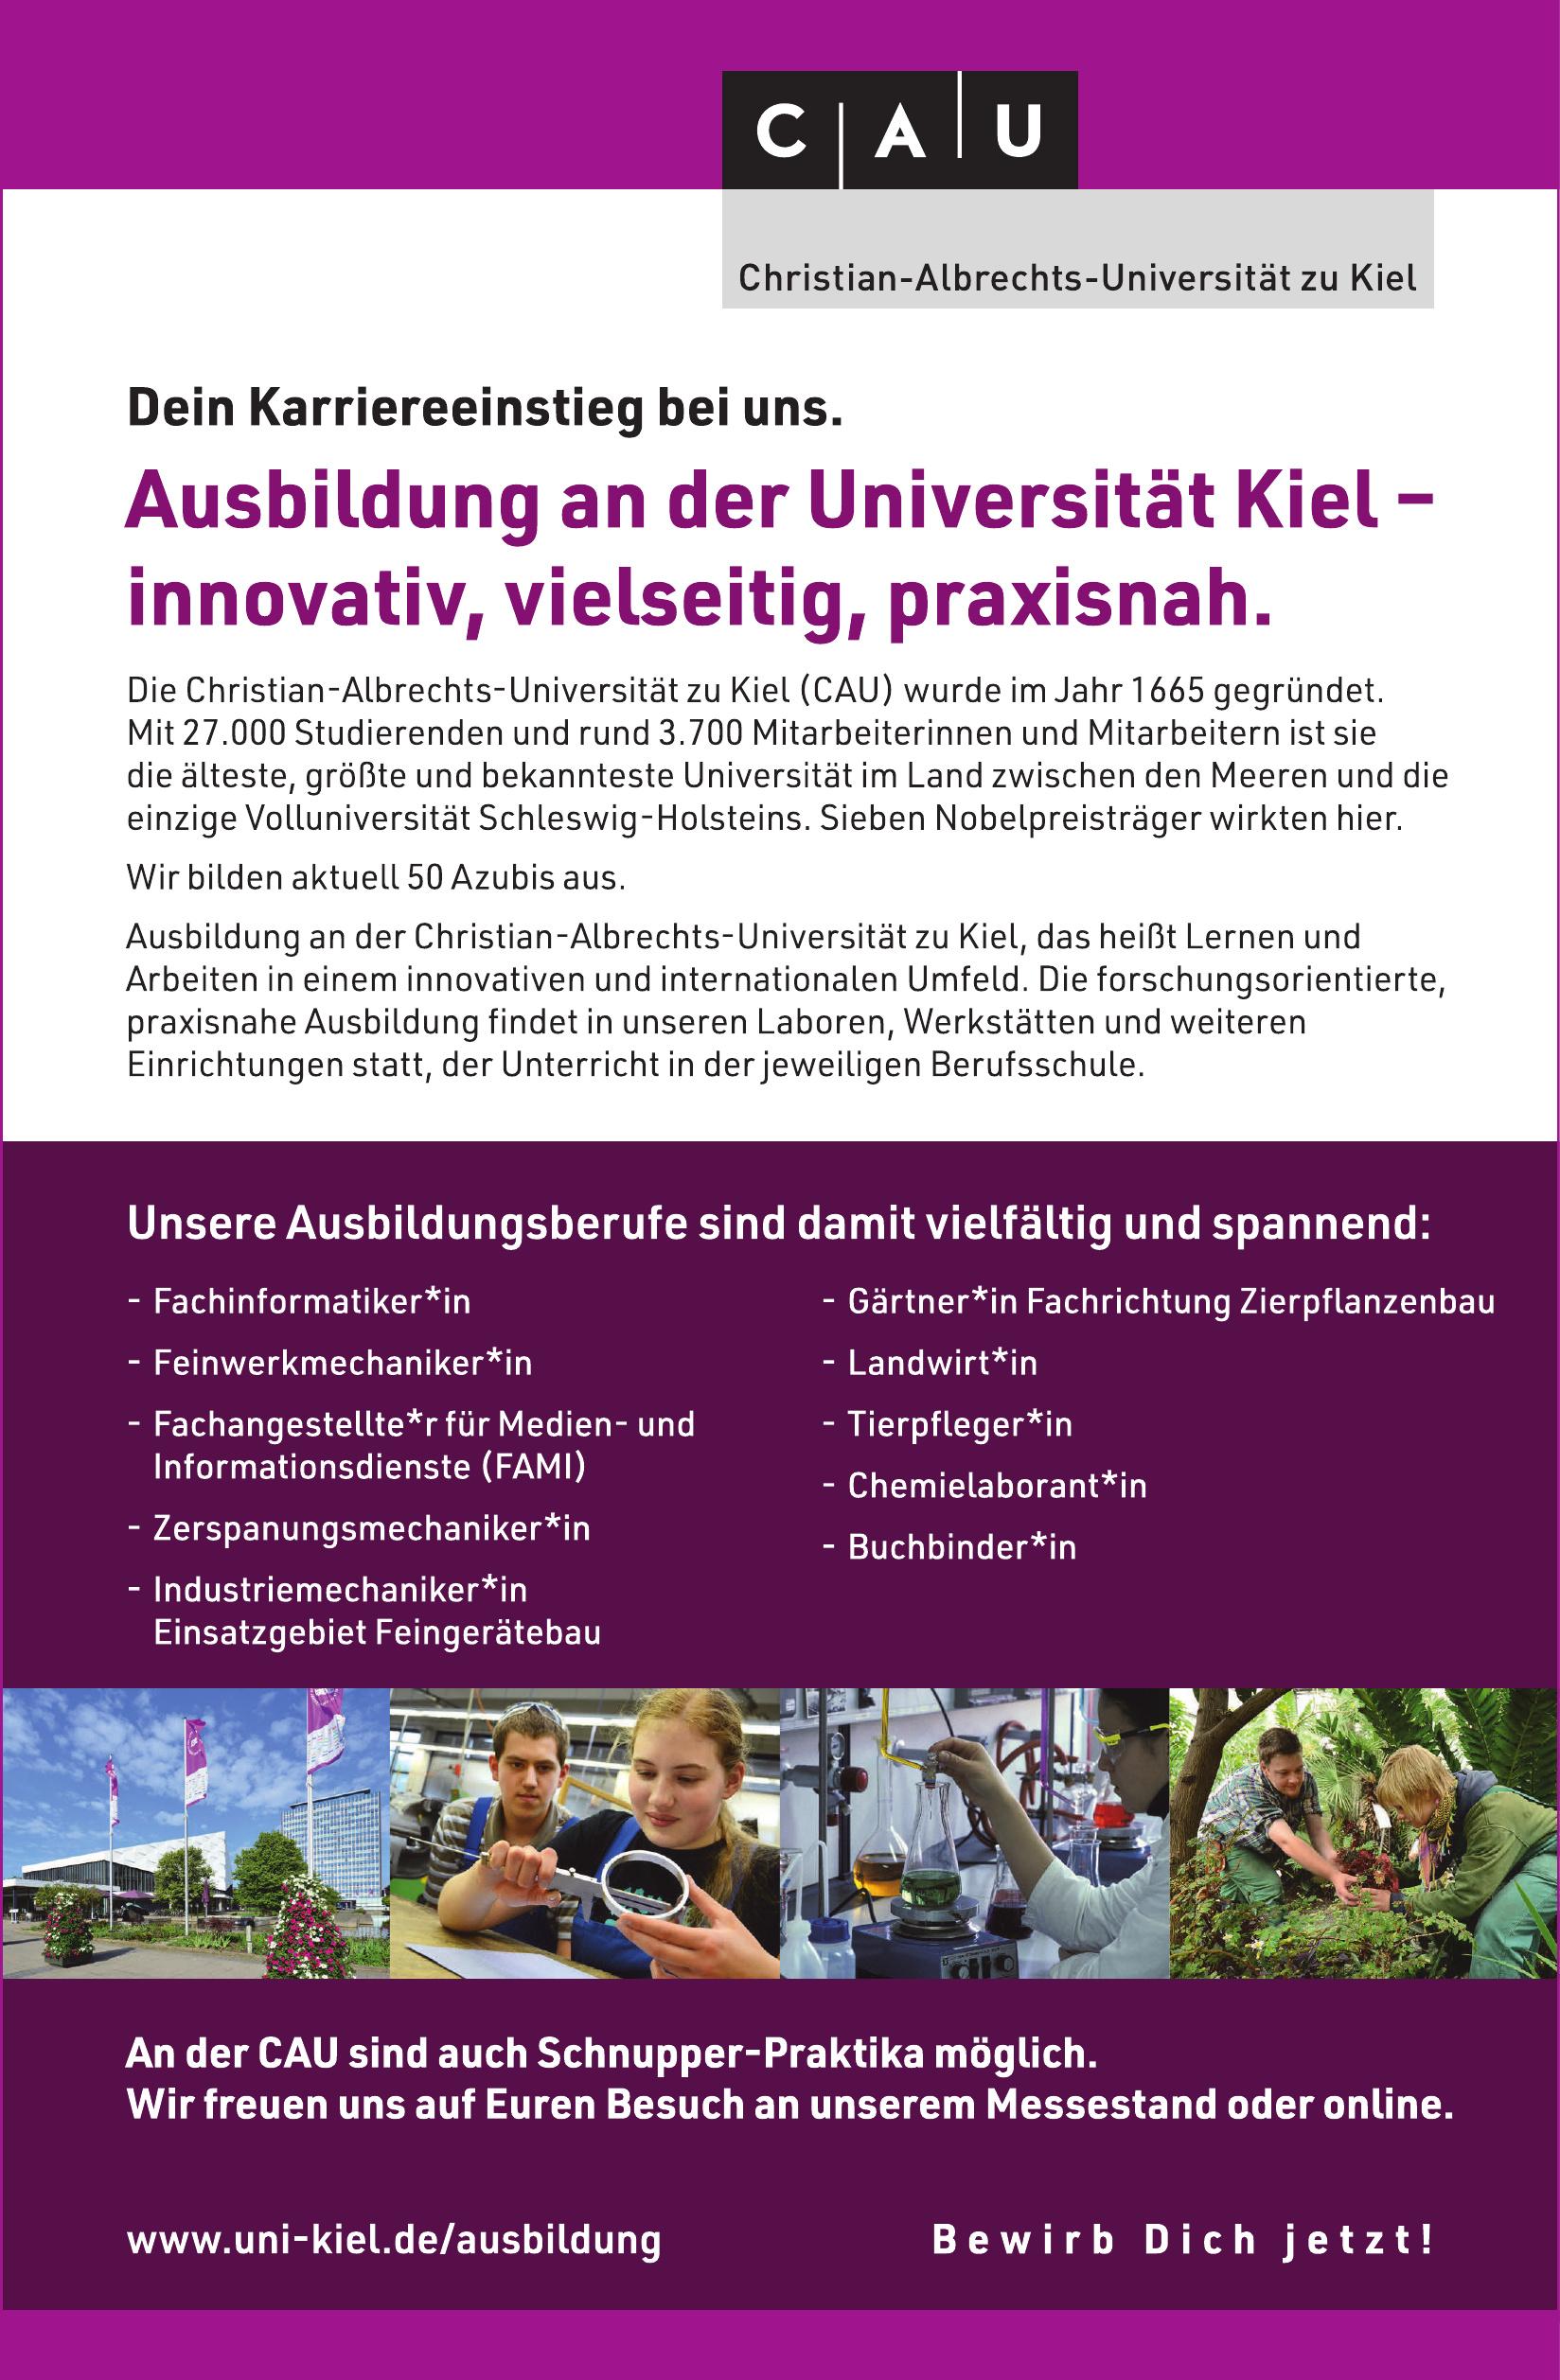 CAU Christian-Albrechts-Universität zu Kiel